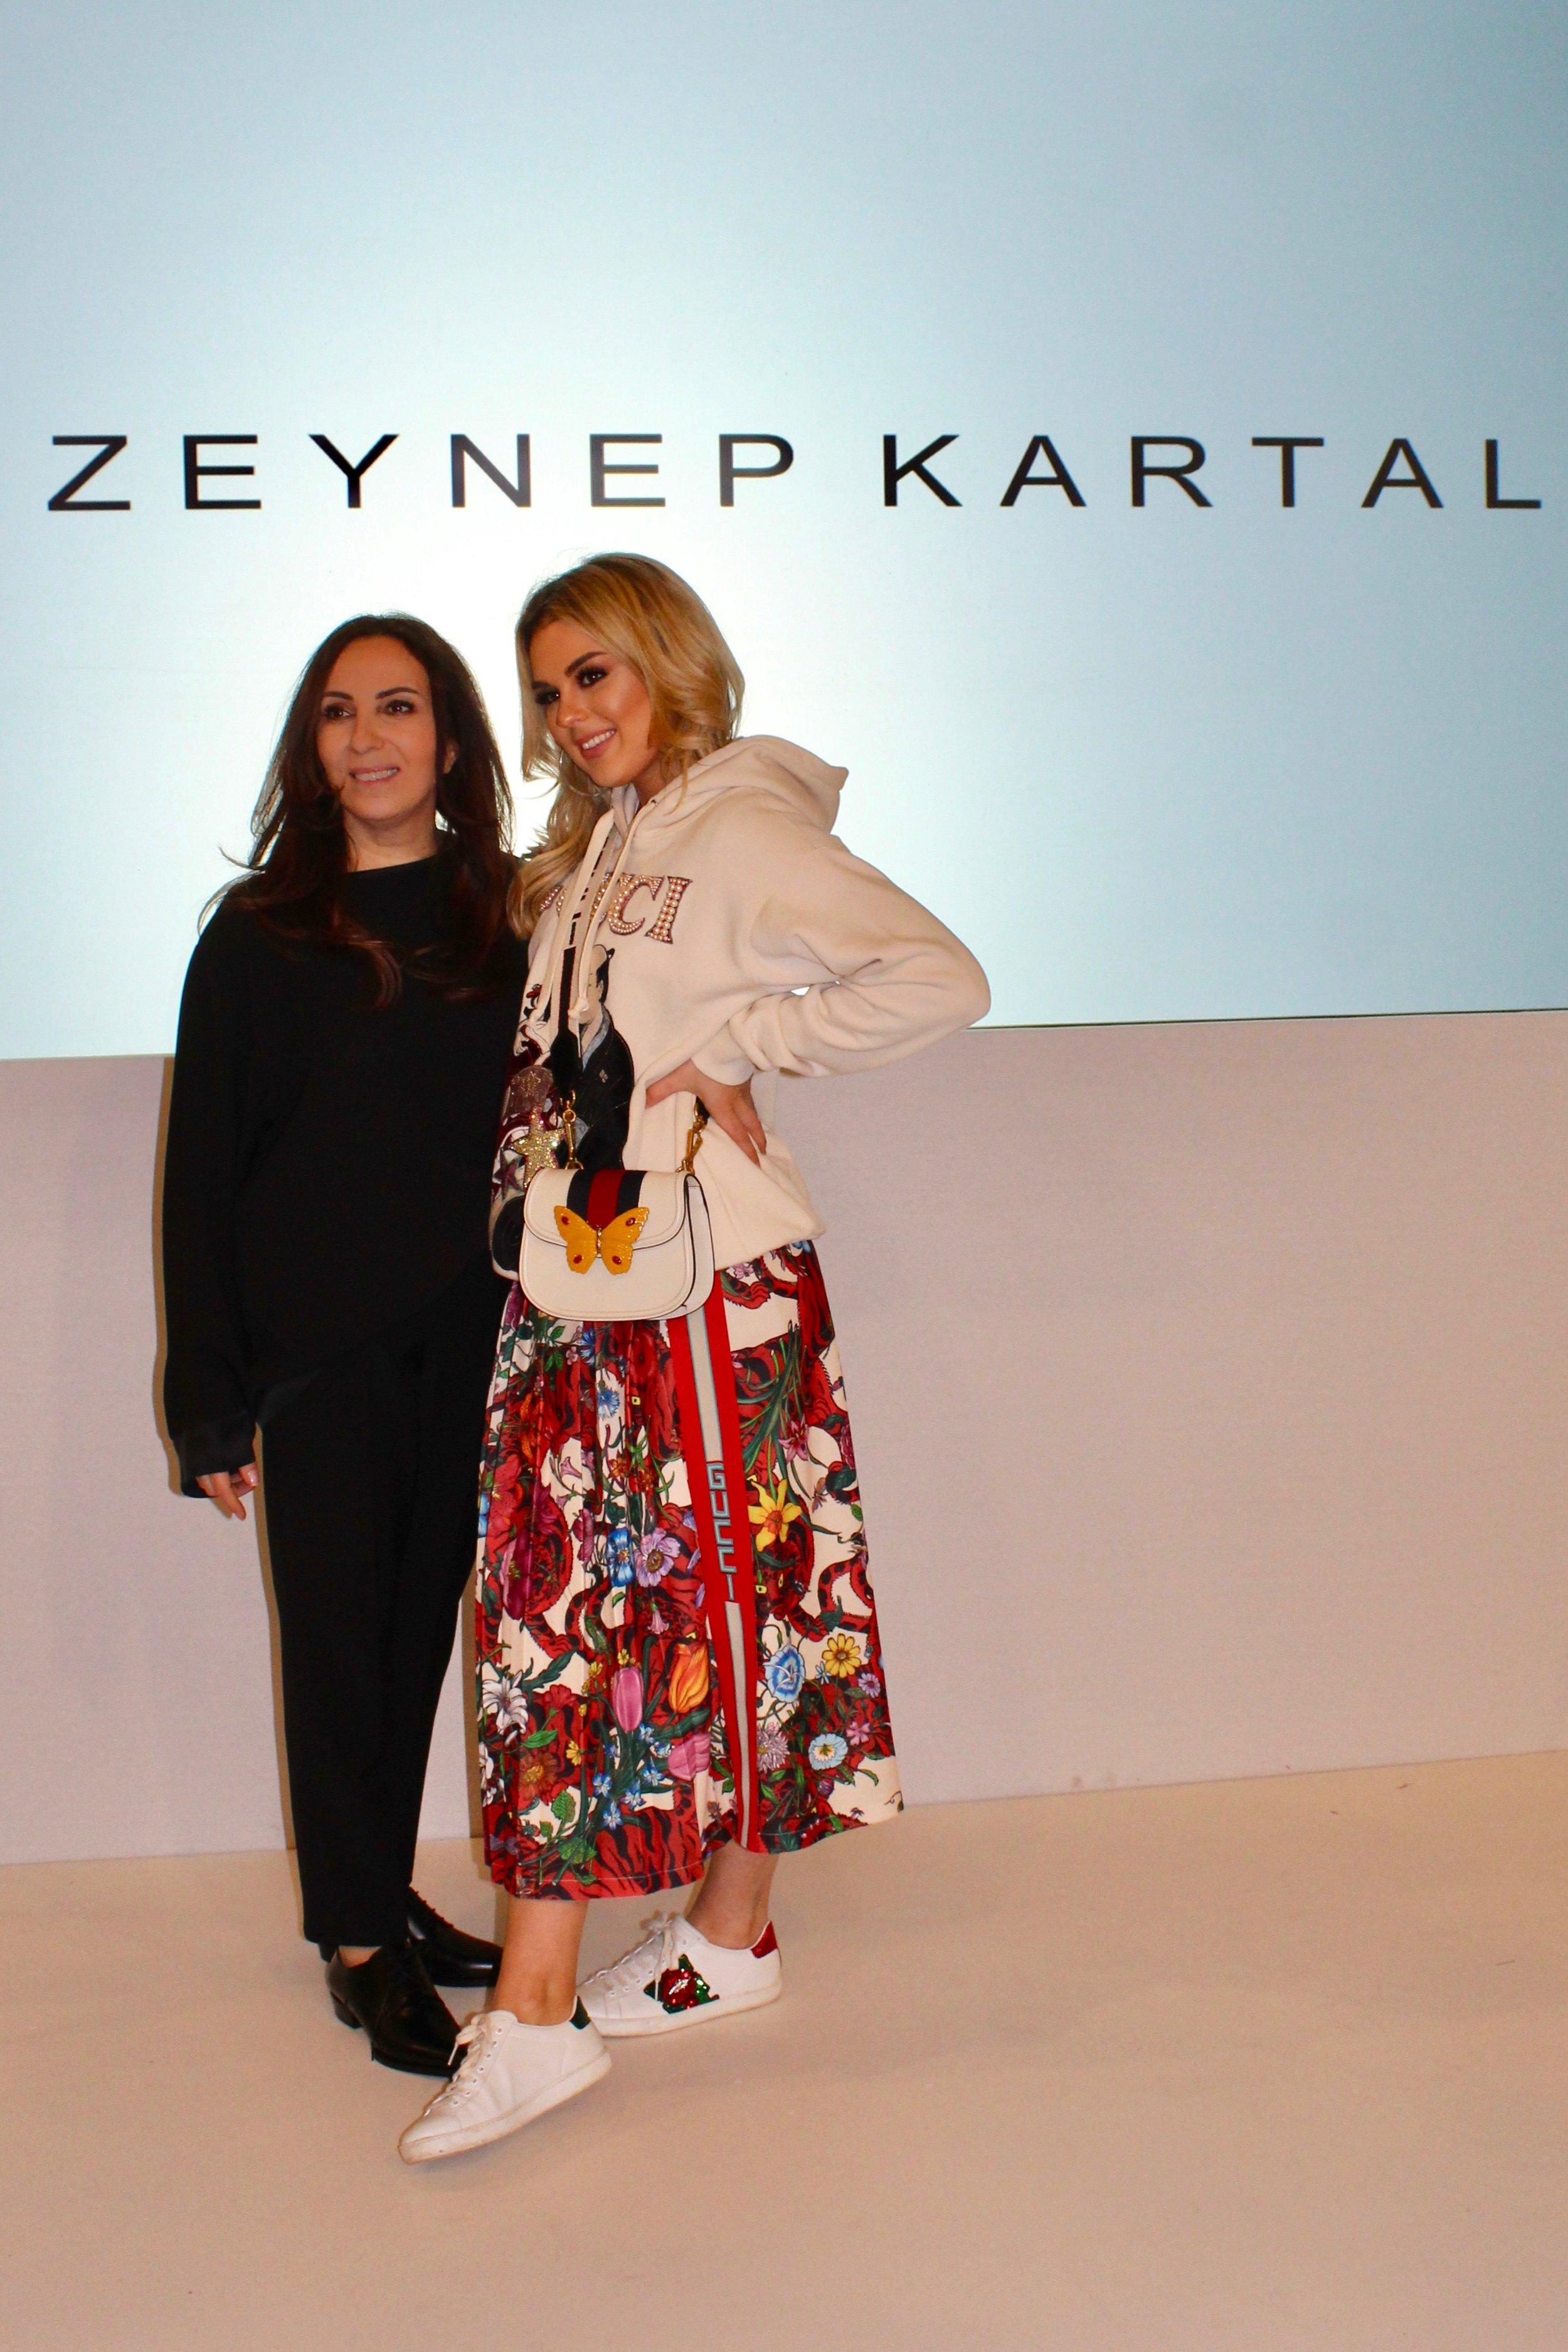 Zeynep Kartal and Talia Storm